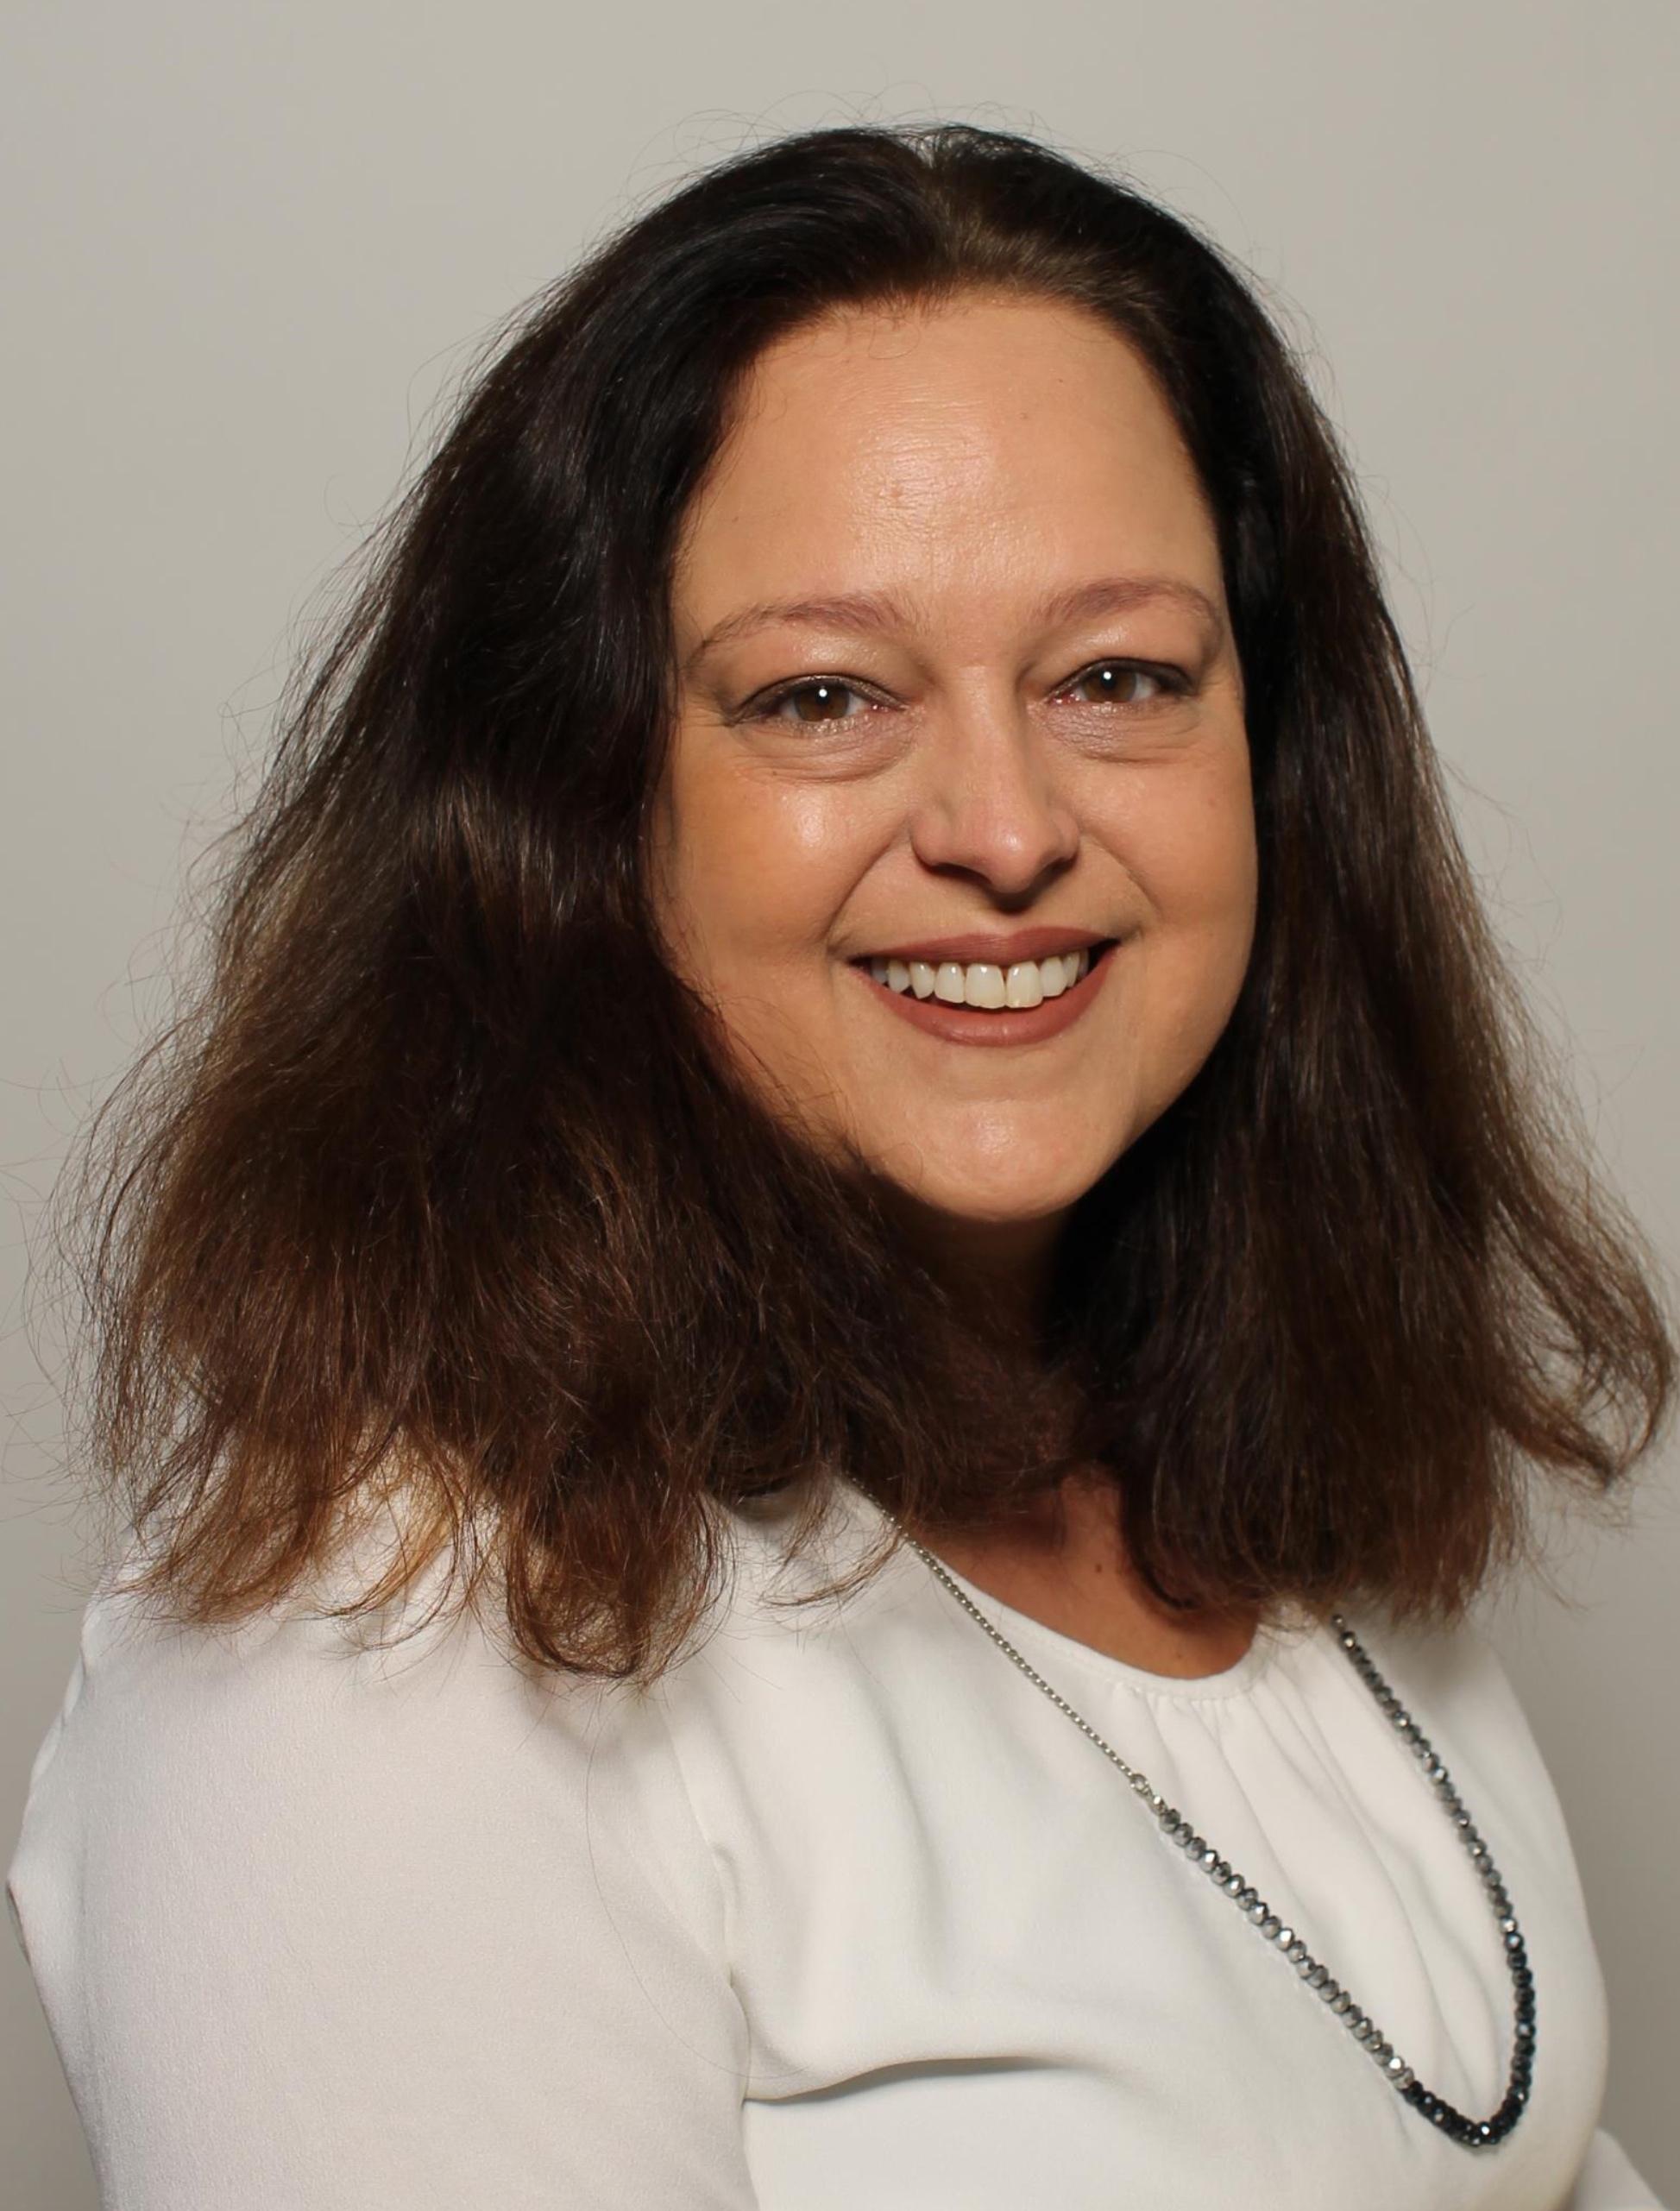 A.A. (Beryl) Göbel